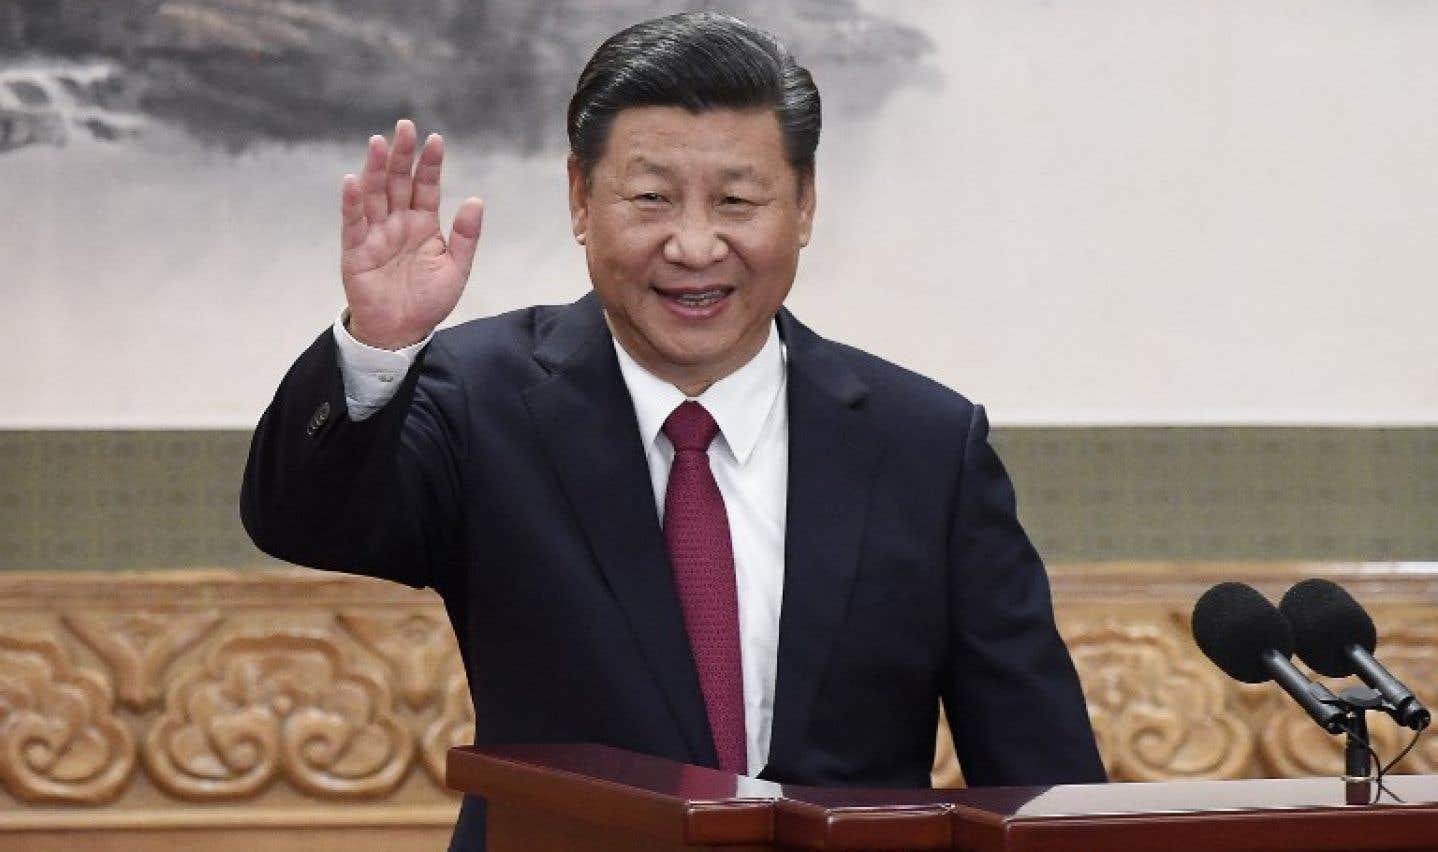 Le président de la République populaire, Xi Jinping